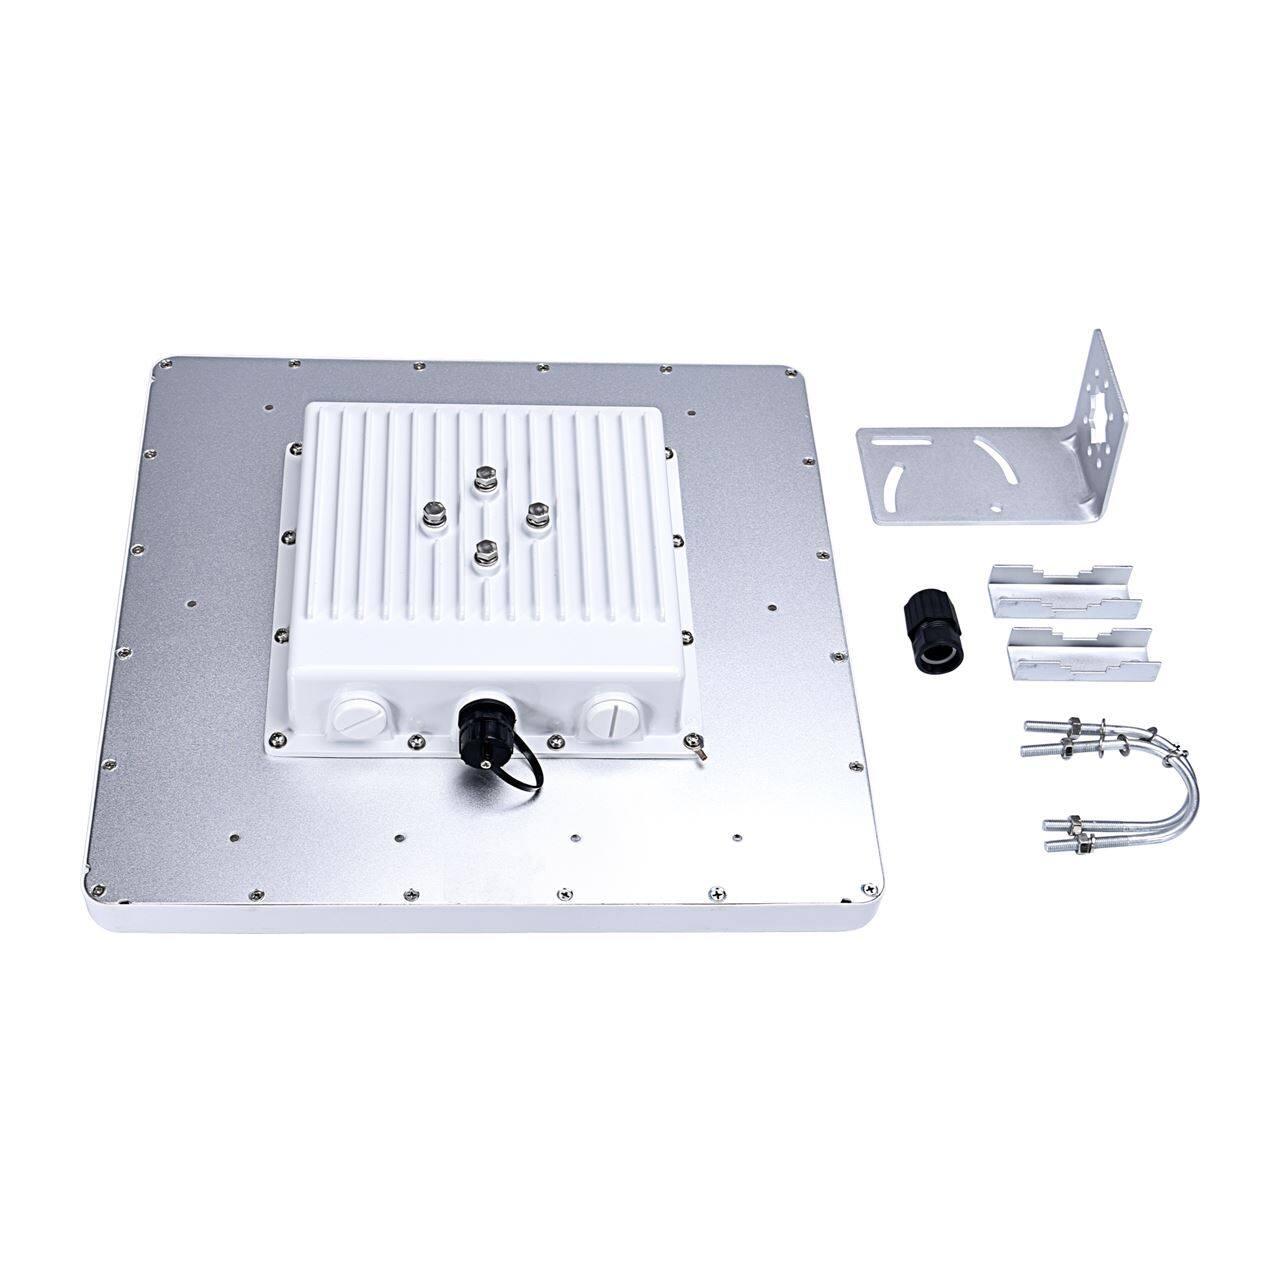 4G无线图传设备与无线网桥组合使用